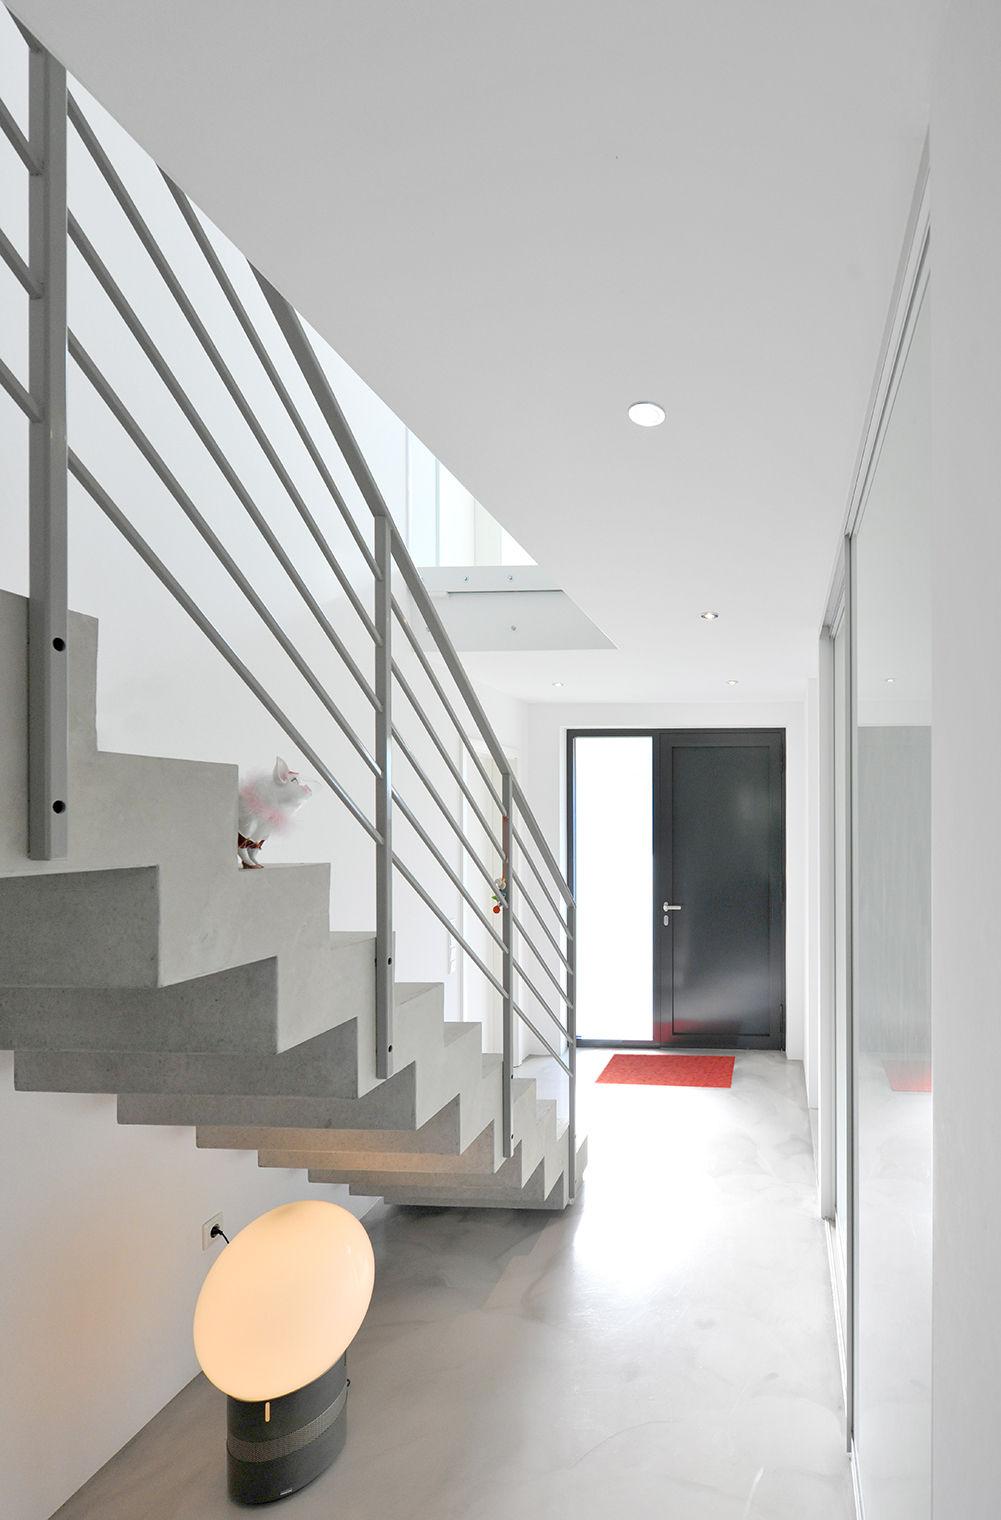 raum schaffen durch offene beton treppe. Black Bedroom Furniture Sets. Home Design Ideas